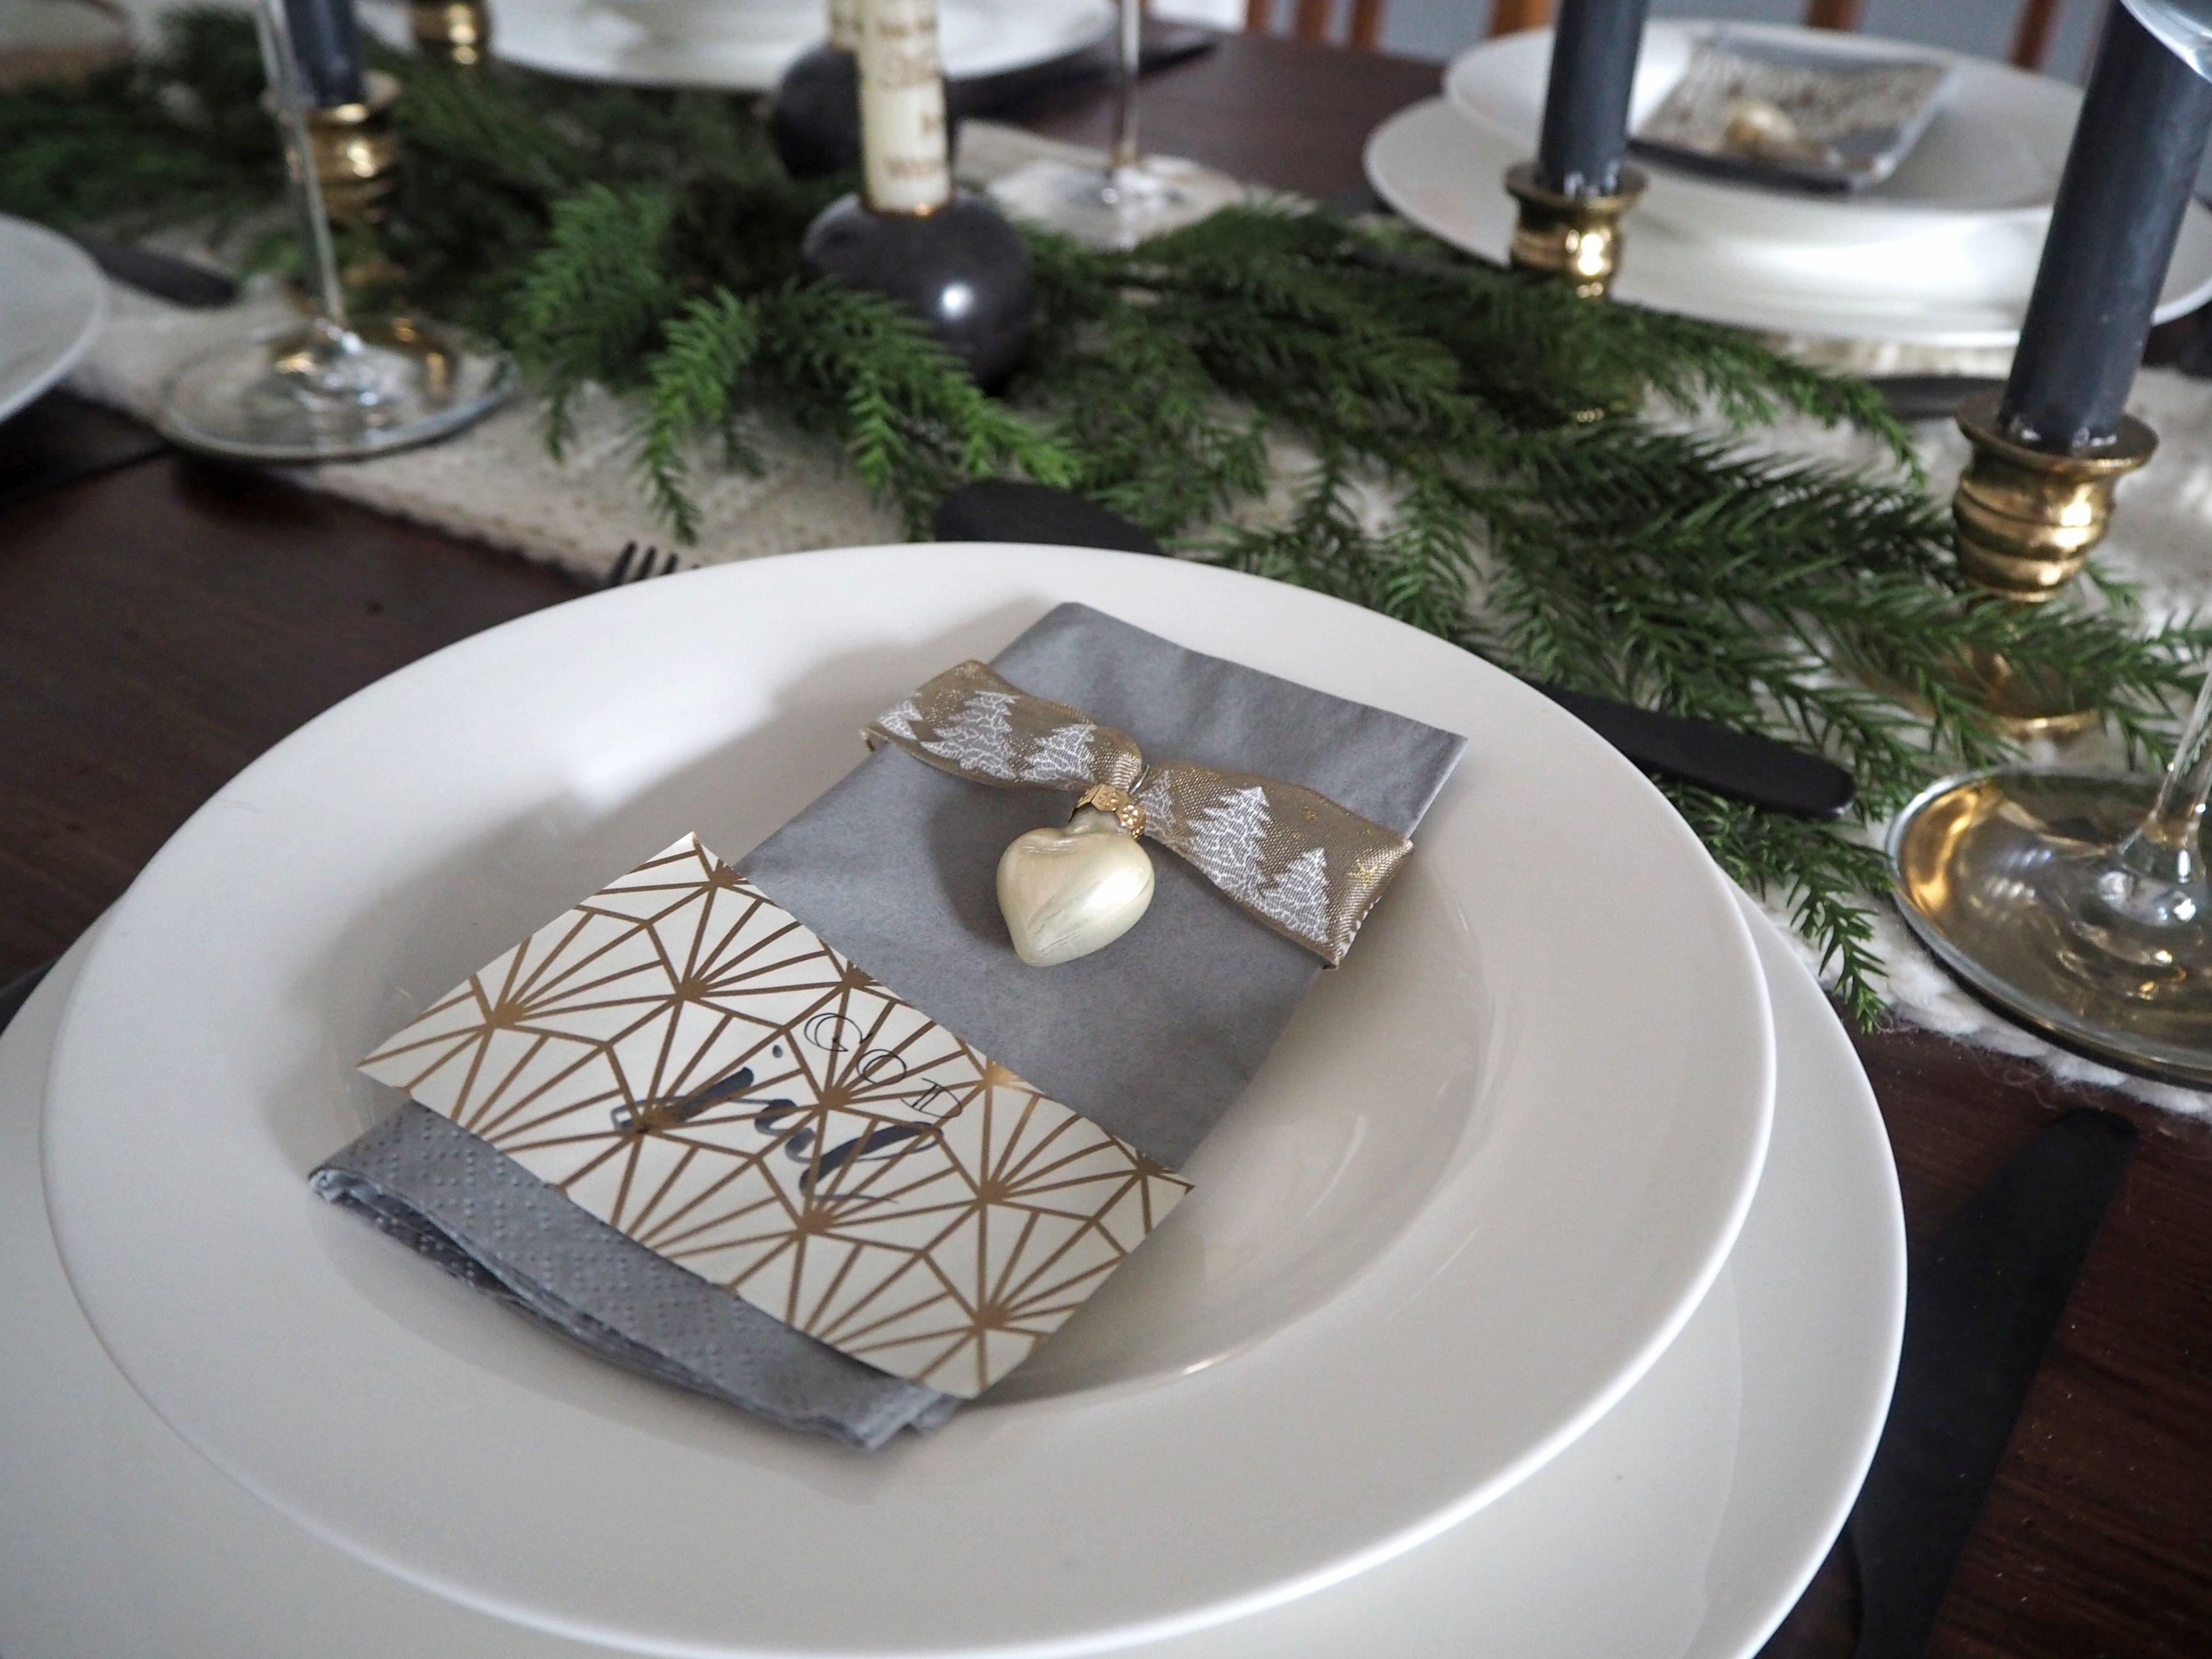 2018-skoen-och-kreativ-interior-tischdeko-festliche-tischdekoration-im-skandi-stil-weihnachten-god-jul-tabledecor (12)